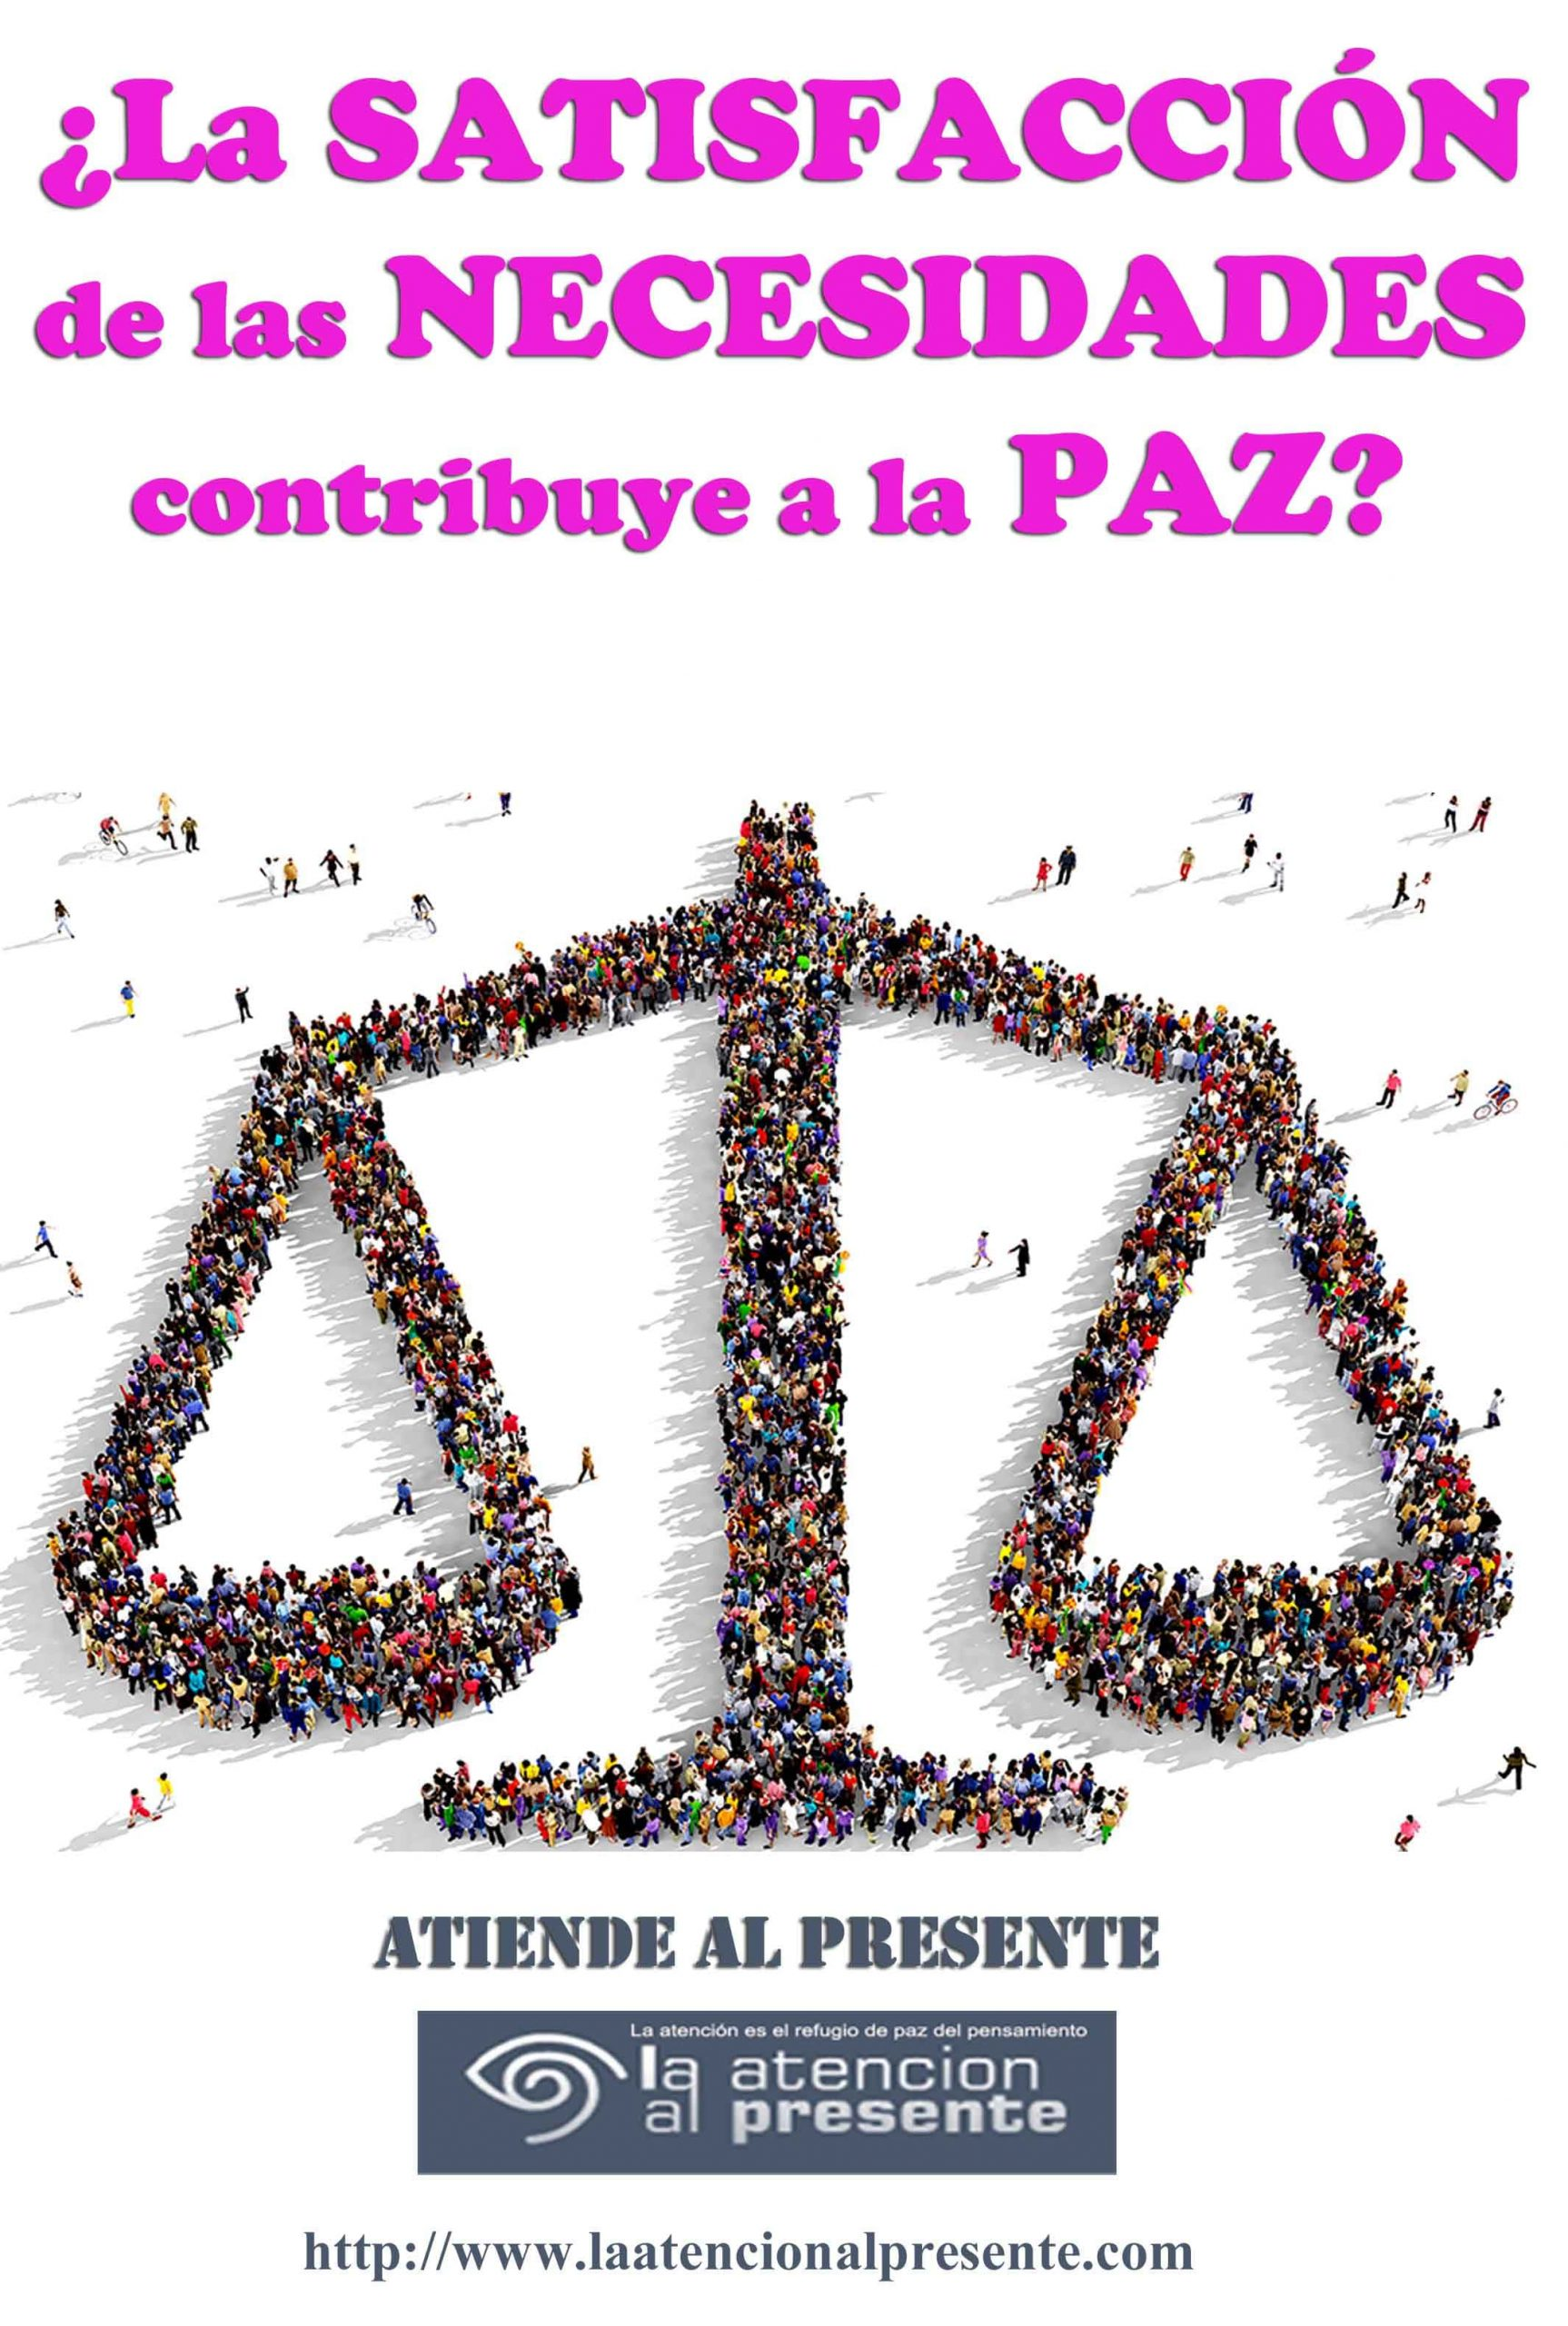 15 de mayo Esteban La SATISFACCION de las NECESIDADES contribuyen a la PAZ min scaled